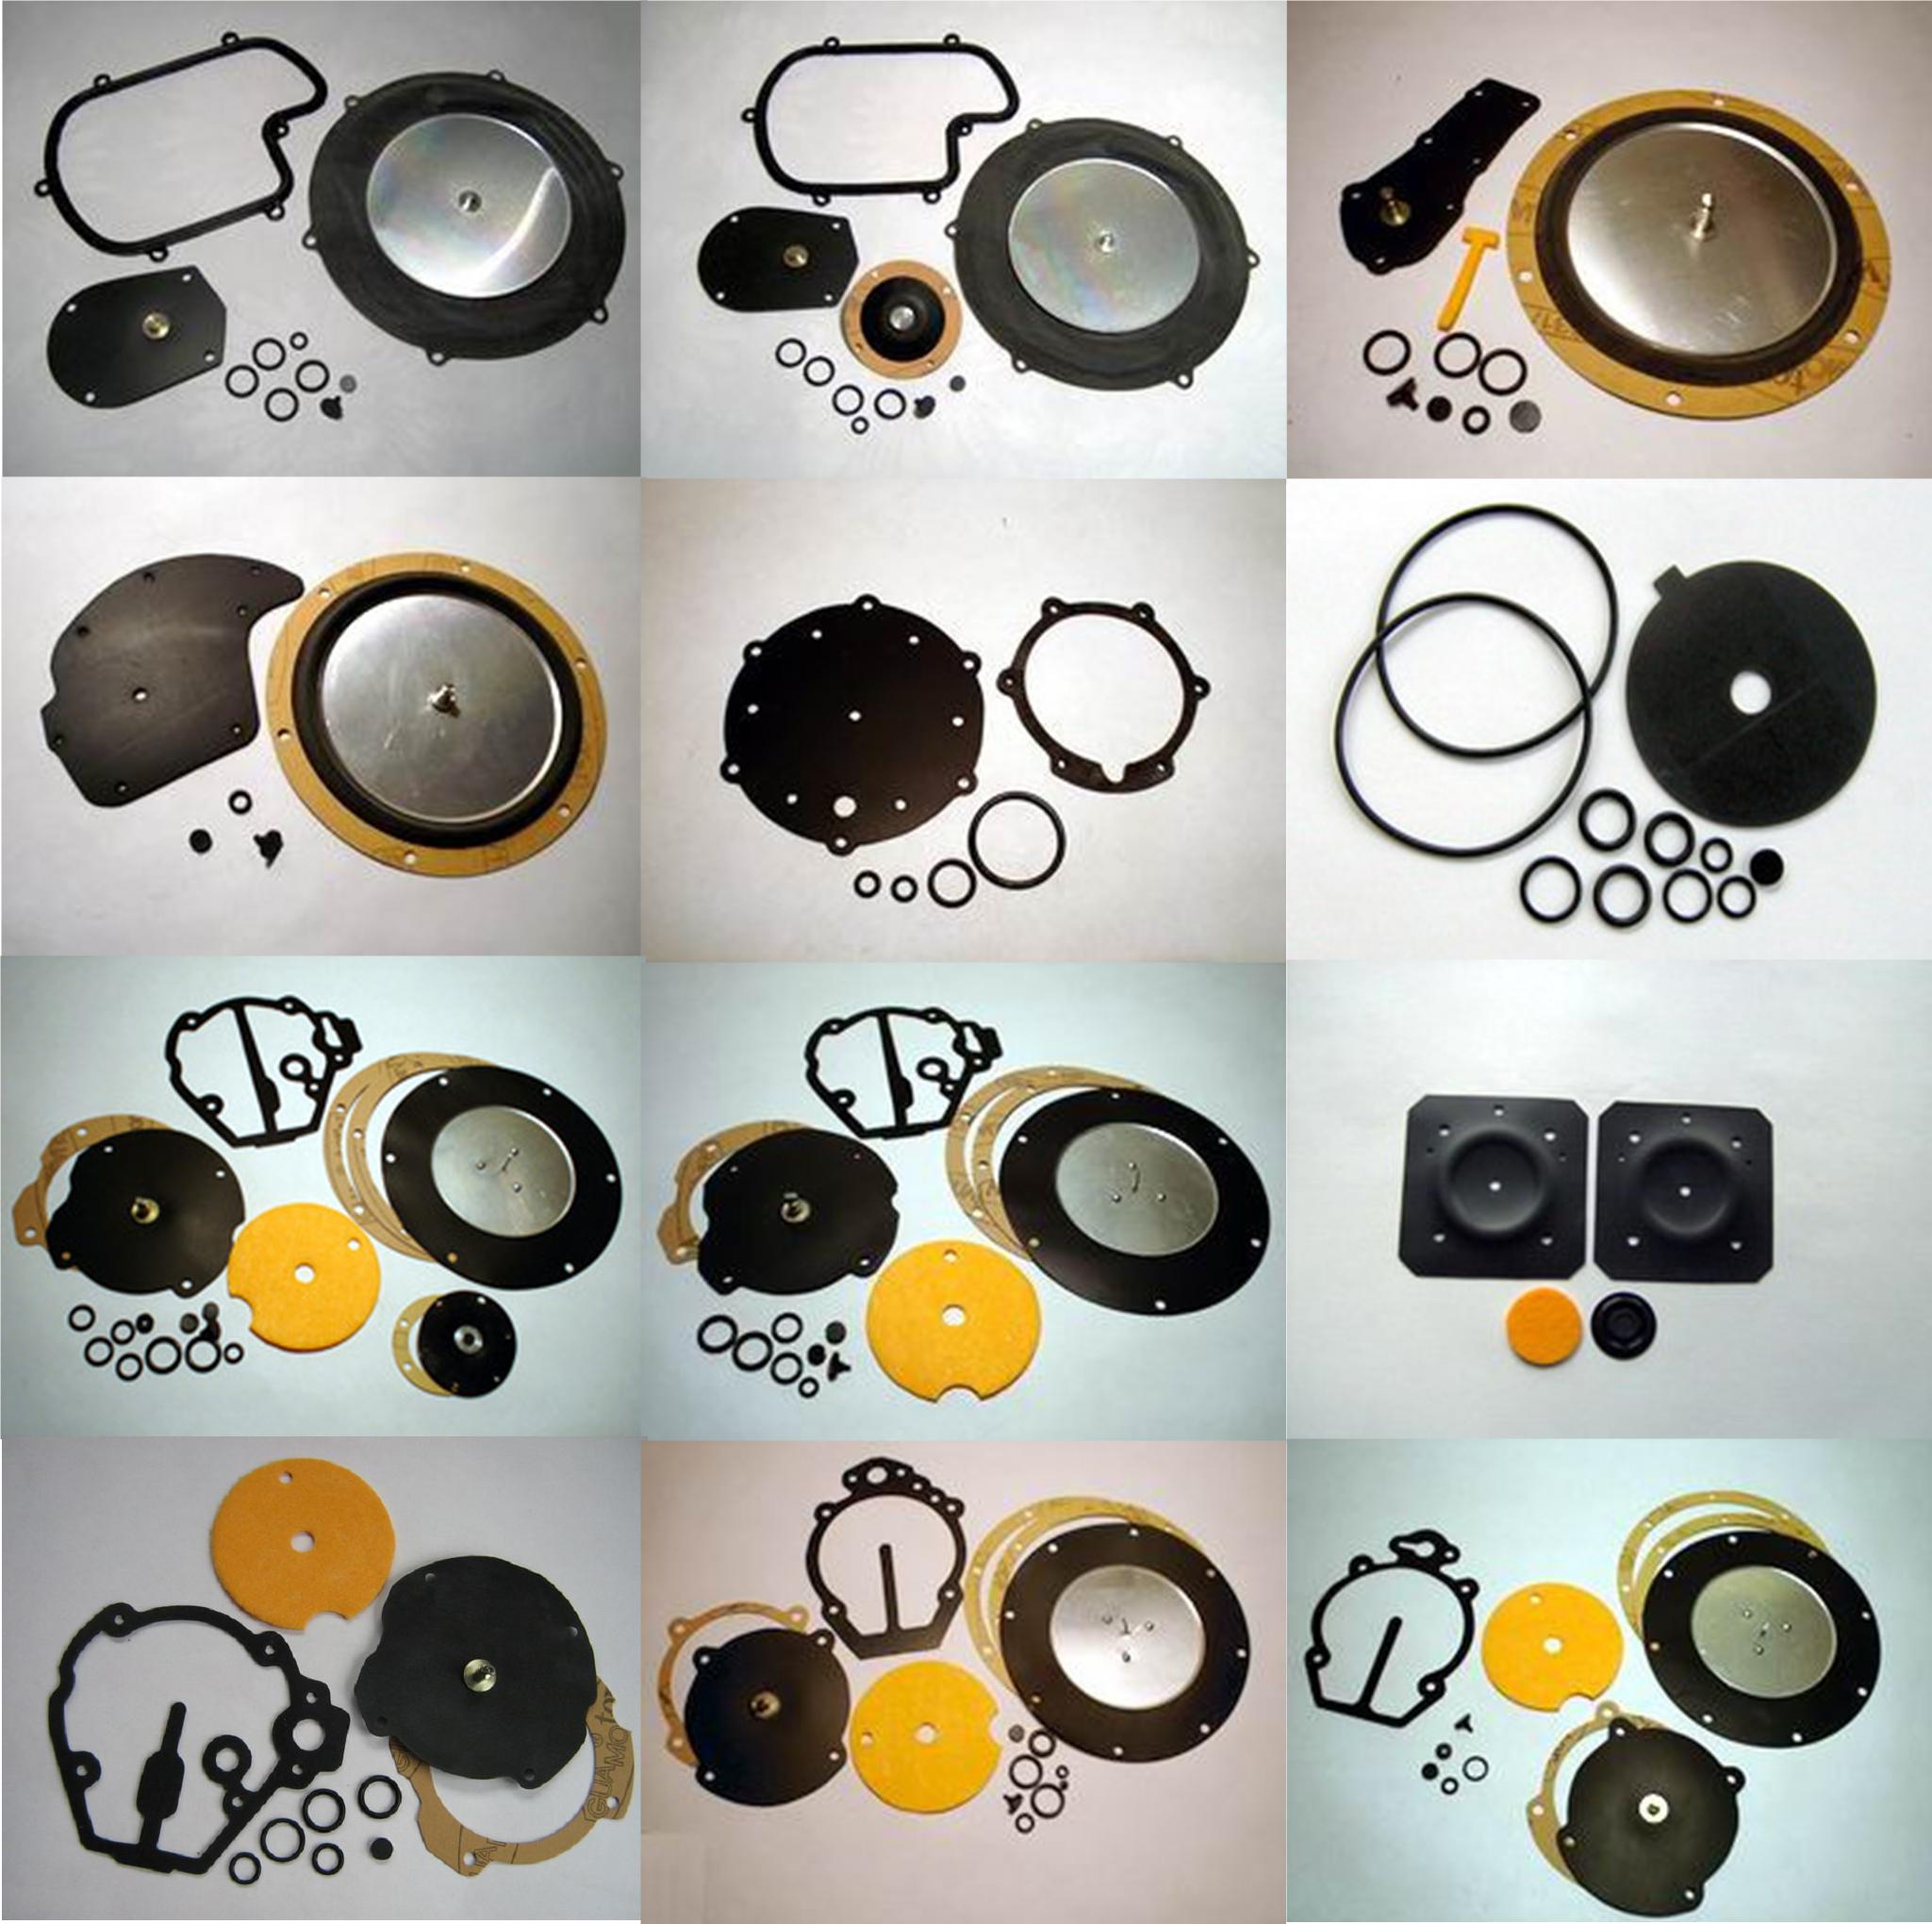 kit revisione riduttori pressione metano gpl ydea. Black Bedroom Furniture Sets. Home Design Ideas